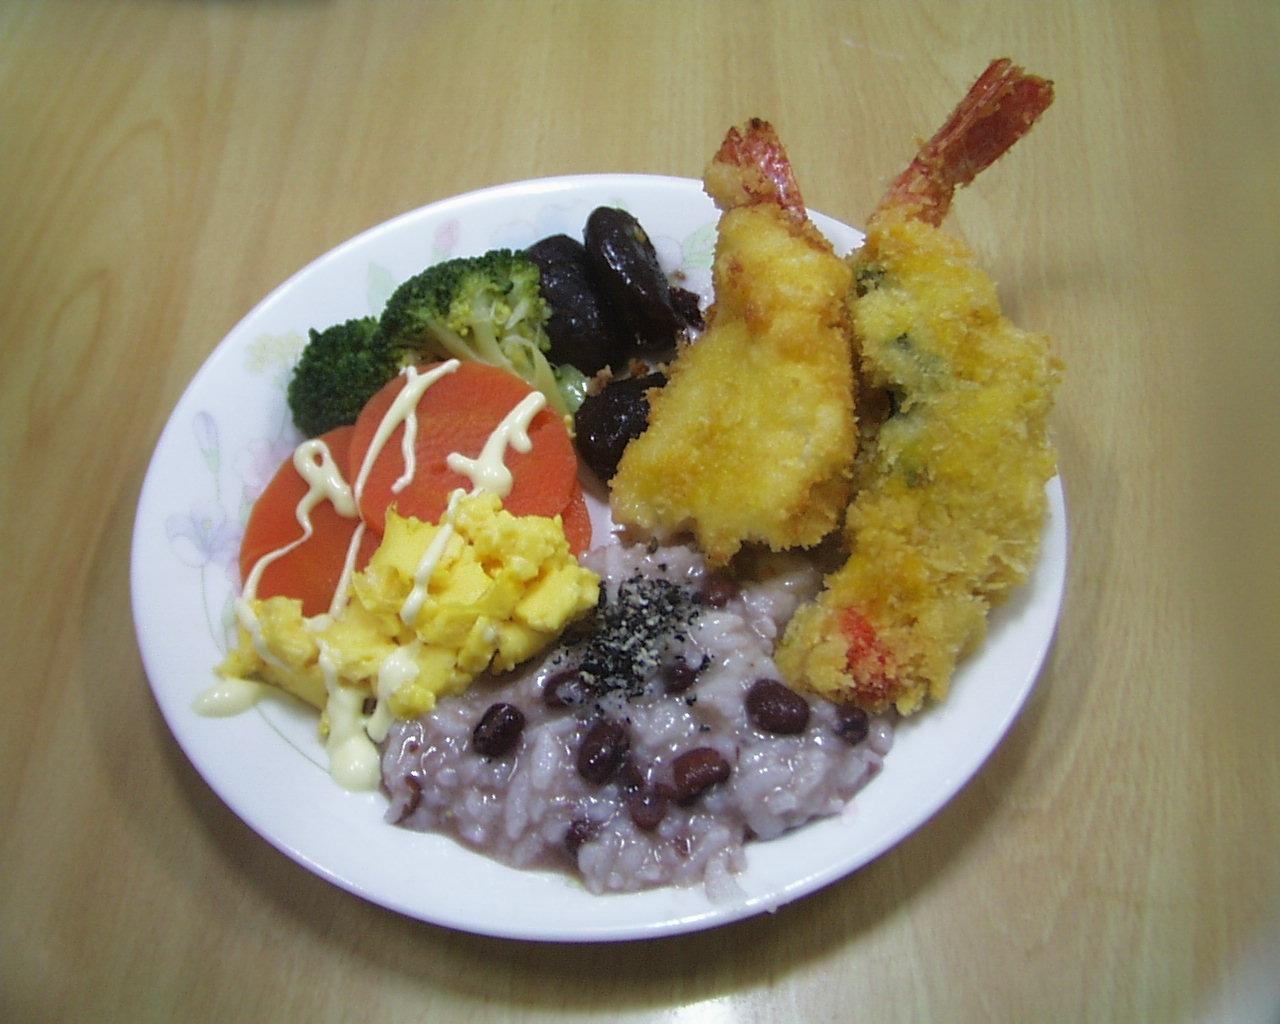 赤飯と、えびフライ、野菜の盛り合わせ